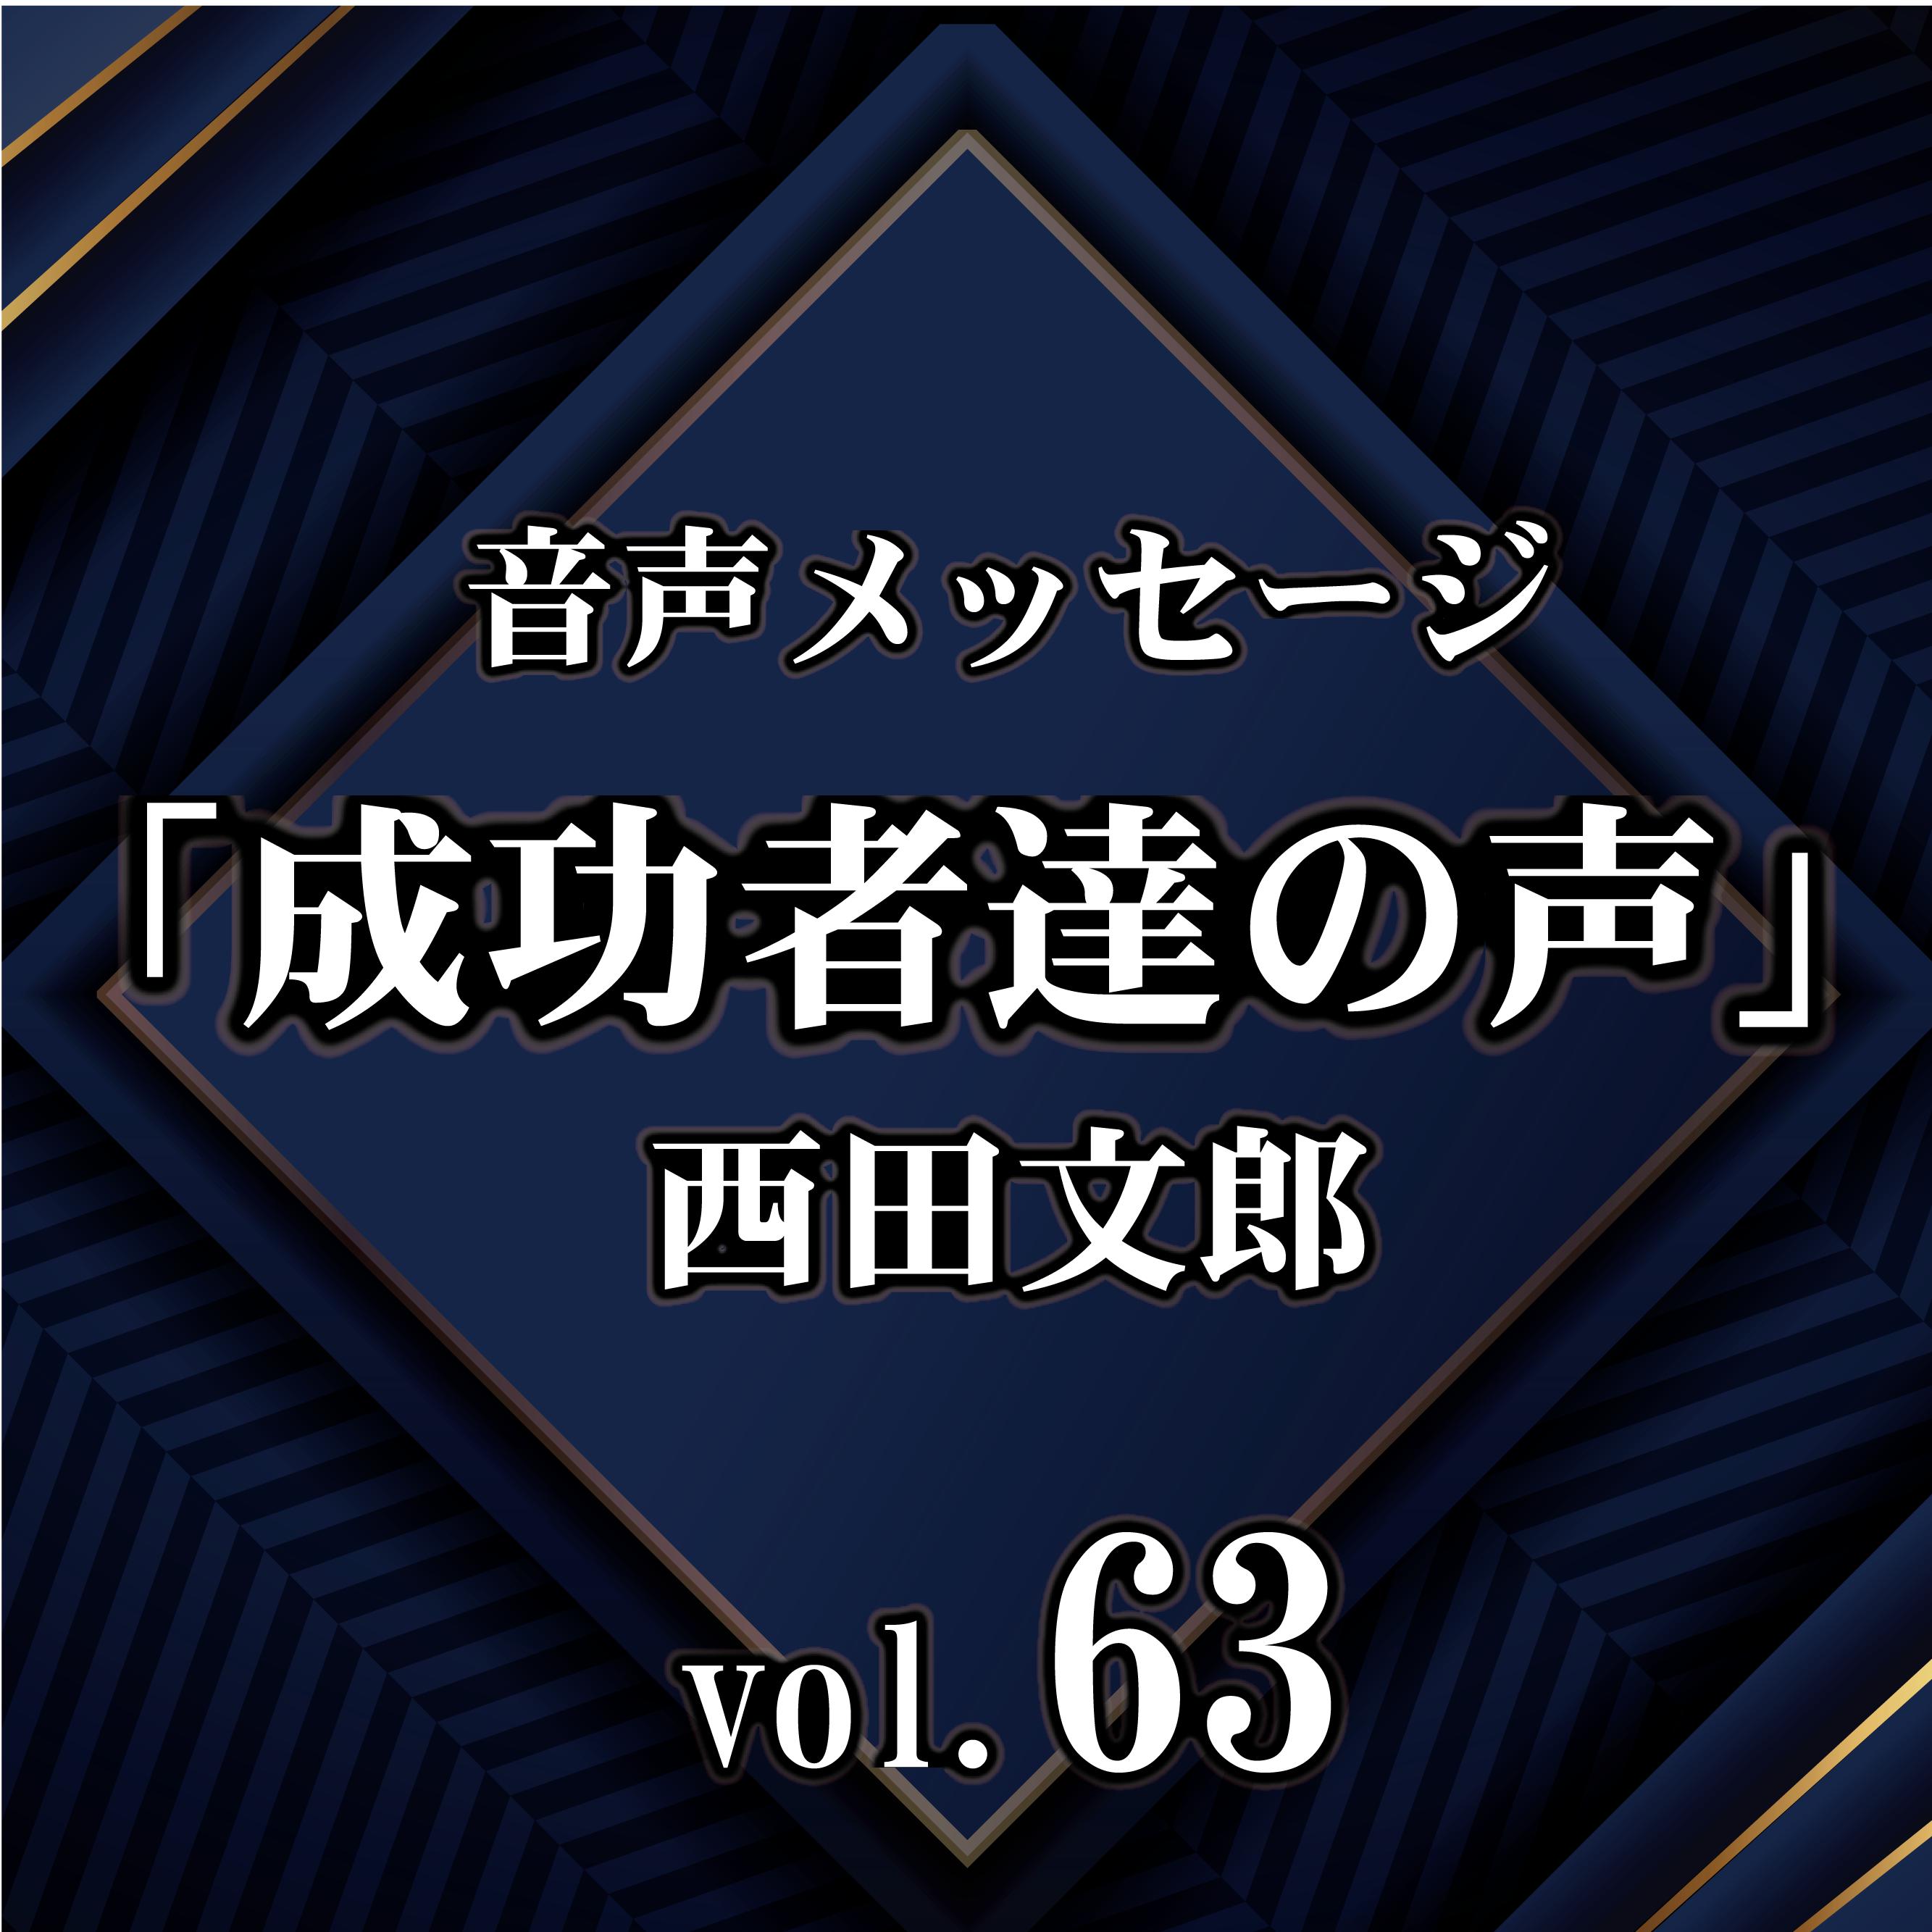 西田文郎 音声メッセージvol.63『成功者達の声』